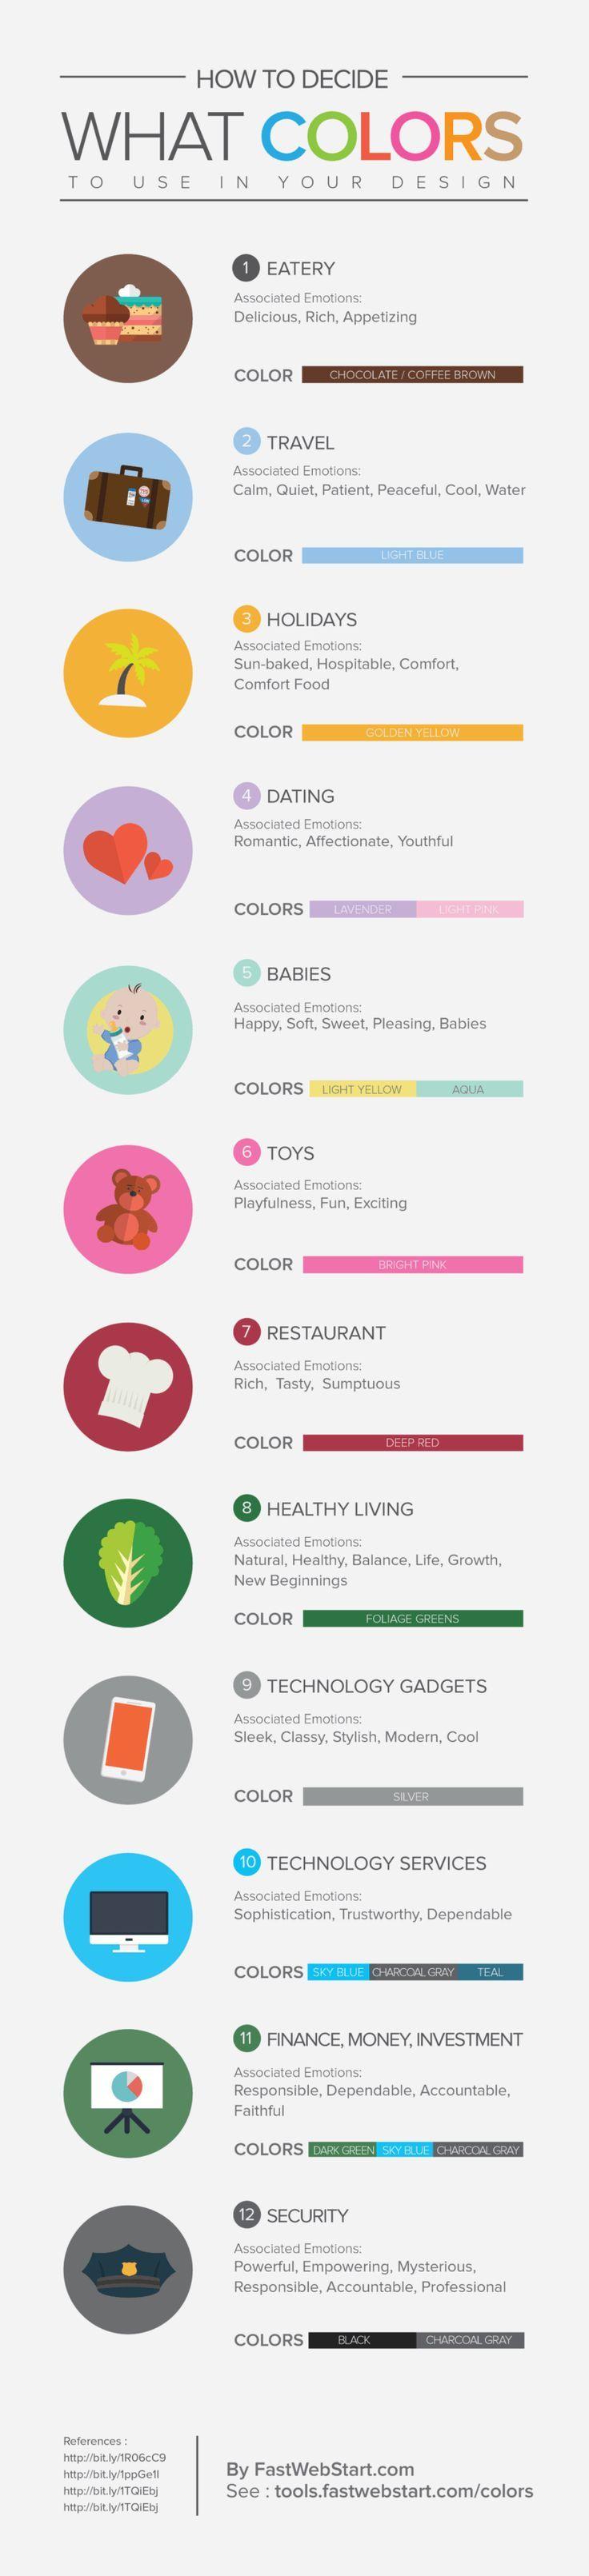 A cor pode influenciar as nossas percepções e a forma como vemos o mundo.    O estudo dos efeitos da cor no comportamento das pessoas é chamado de Psicologia das Cores. Já falamos sobre isso aqui, aqui e aqui. Por isso, éimportante escolher as co...